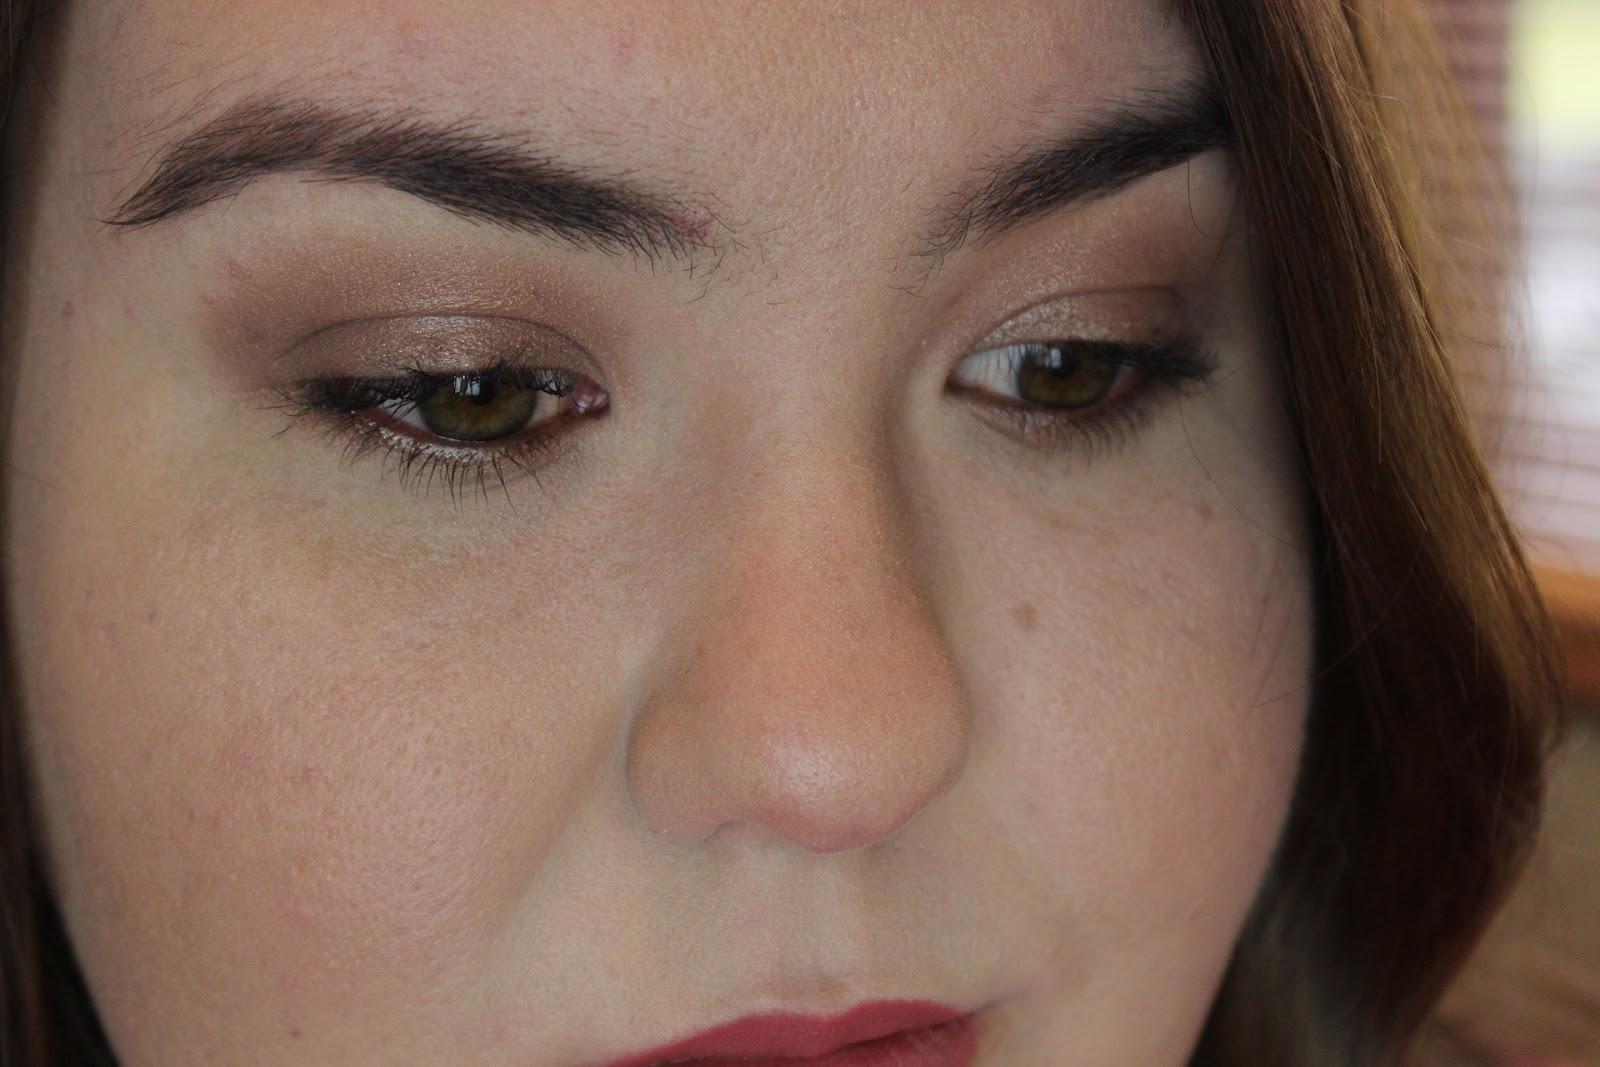 Charlotte Tilbury Eyes To Mesmerise In Marie Antoinette